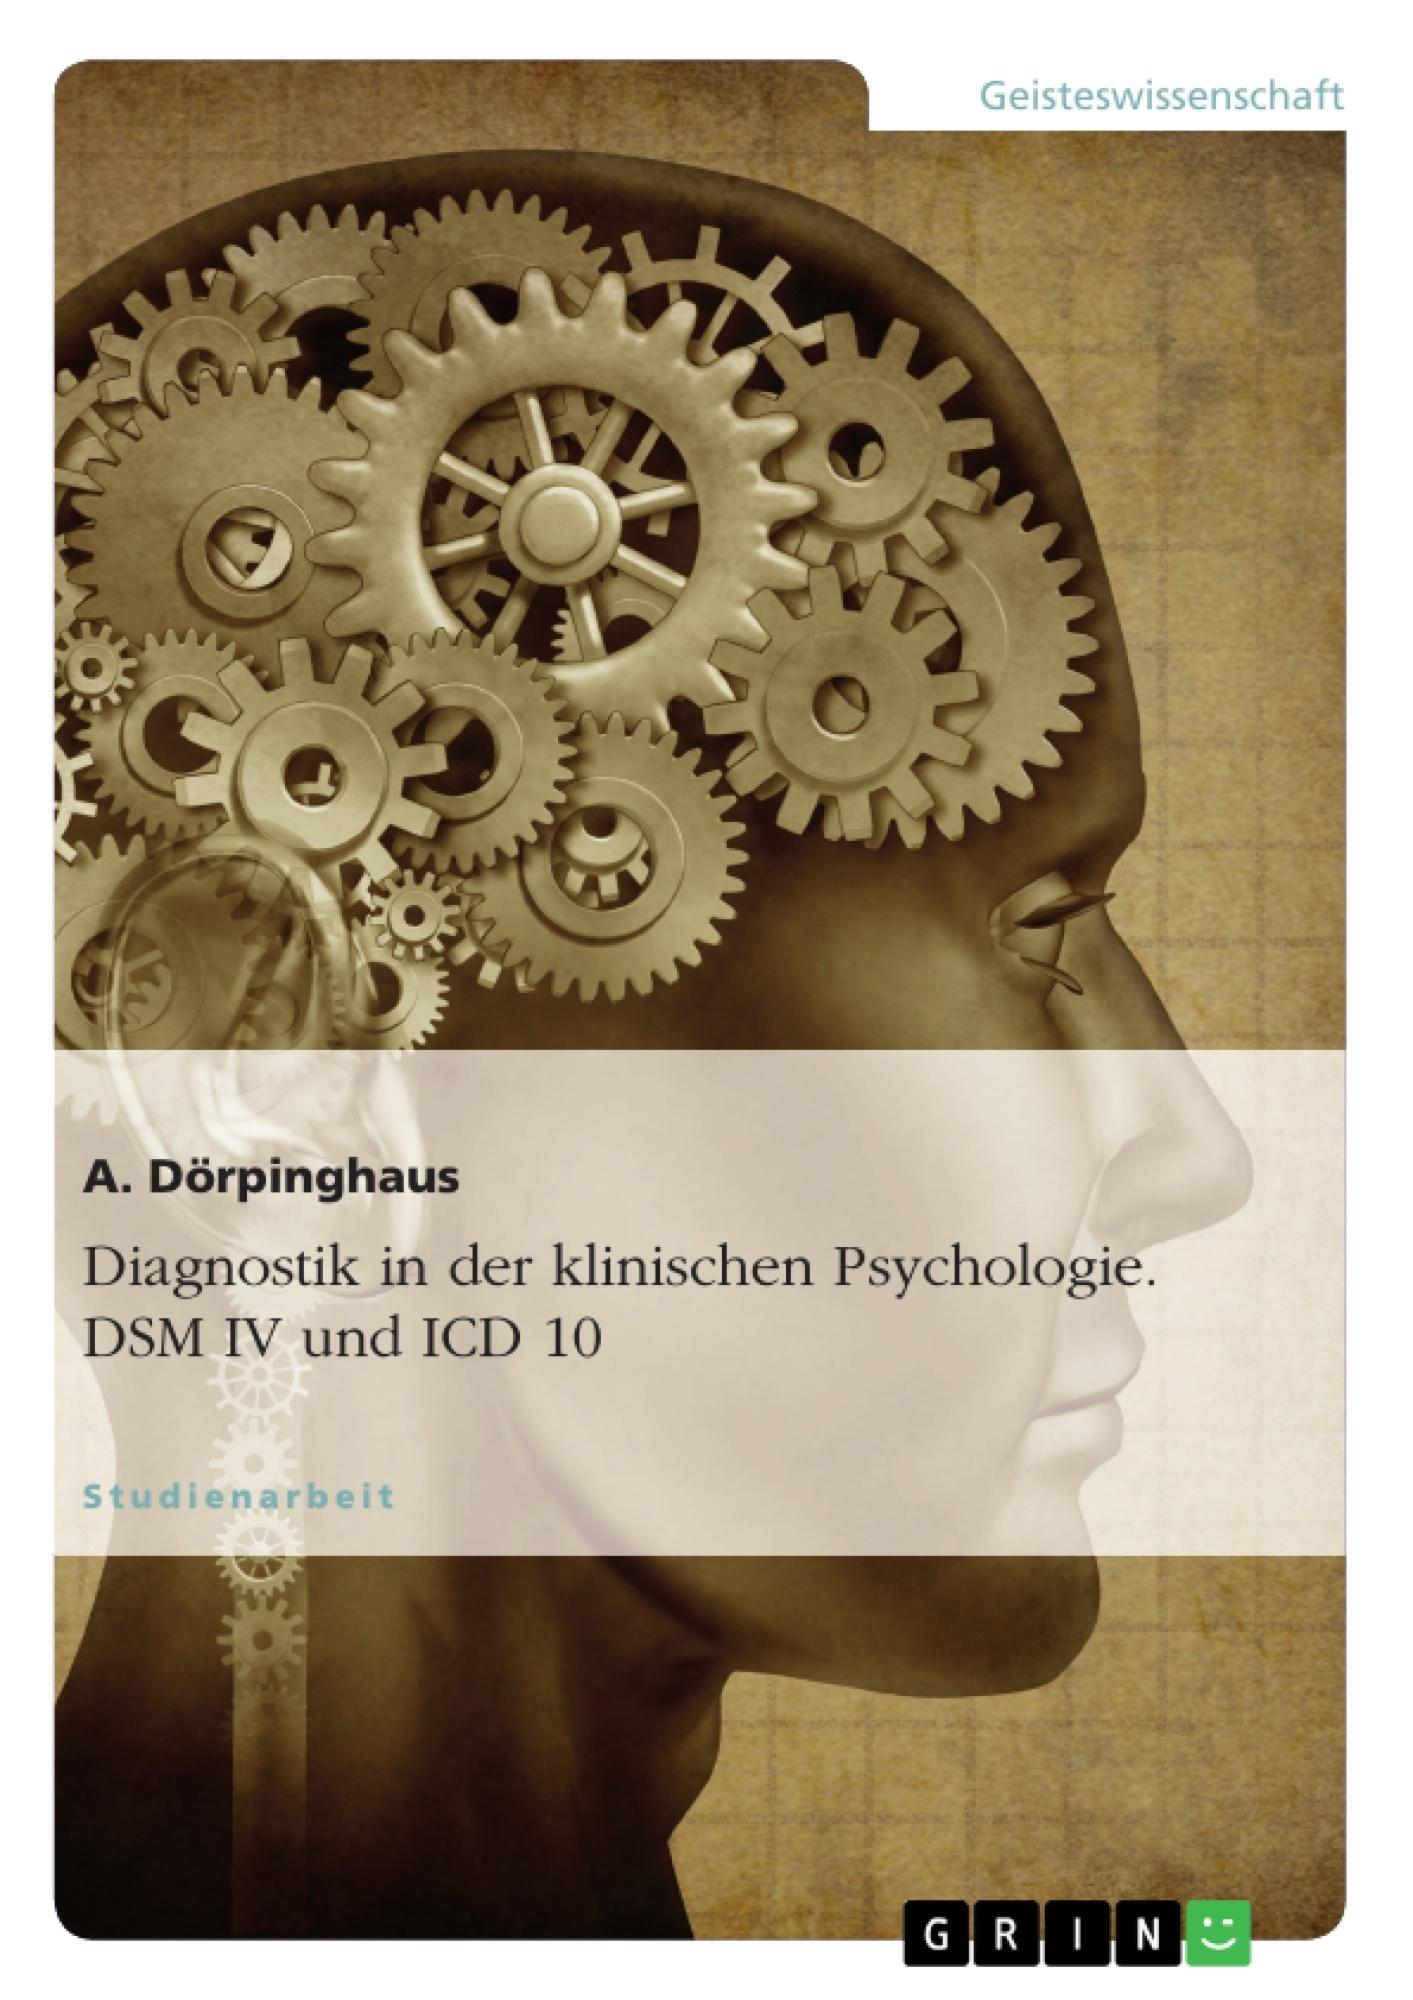 Titel: Diagnostik in der klinischen Psychologie. DSM IV und ICD 10